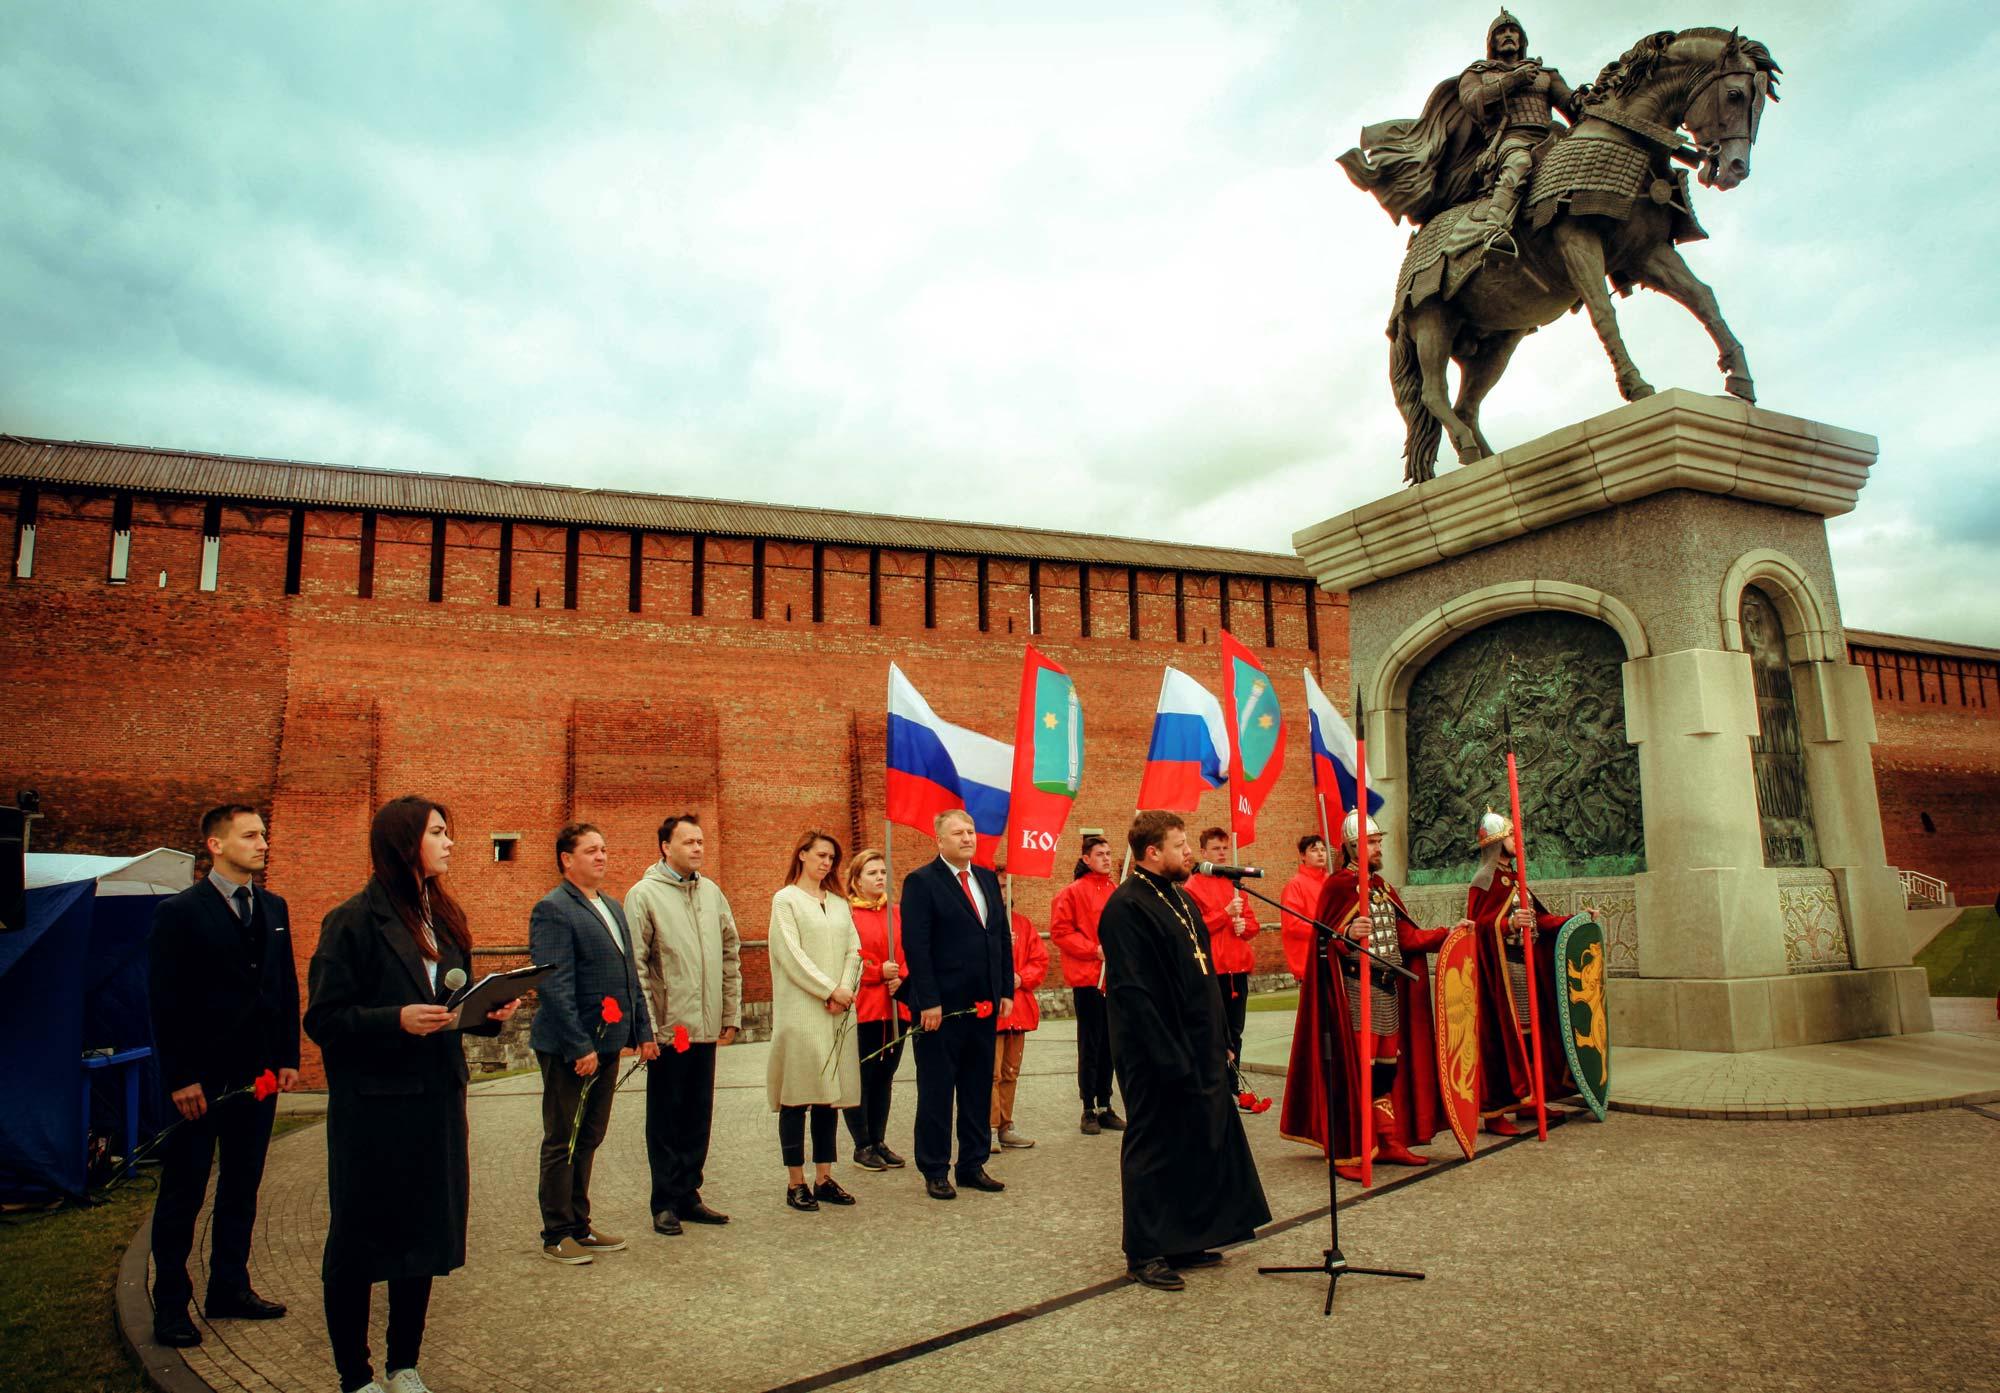 День памяти святых Димитрия Донского и Евдокии Московской в Коломне